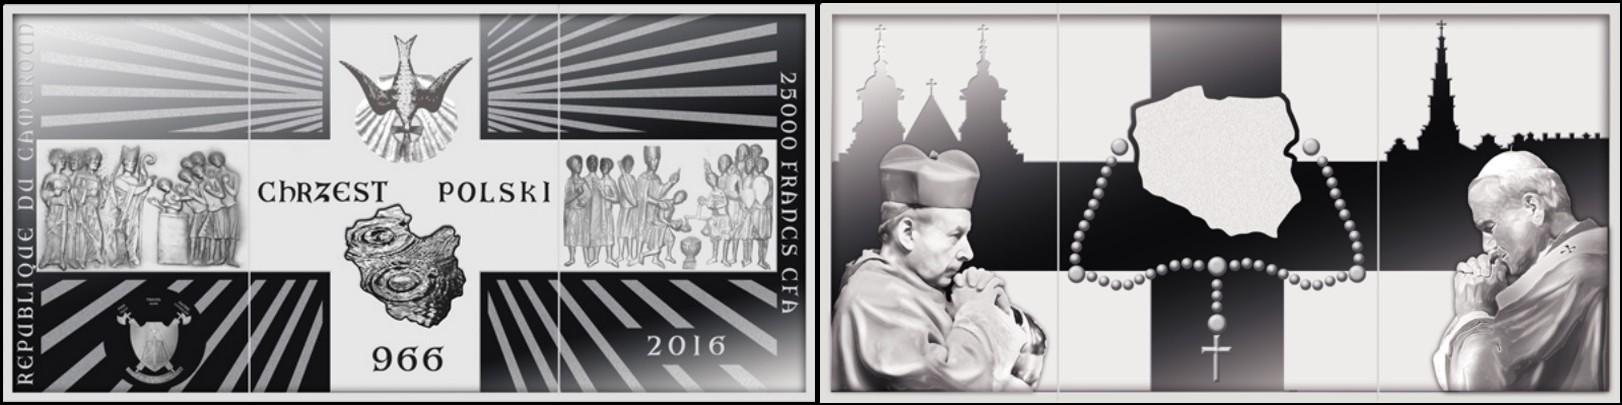 cameroun 2016 cristianisme polonais 4 oz